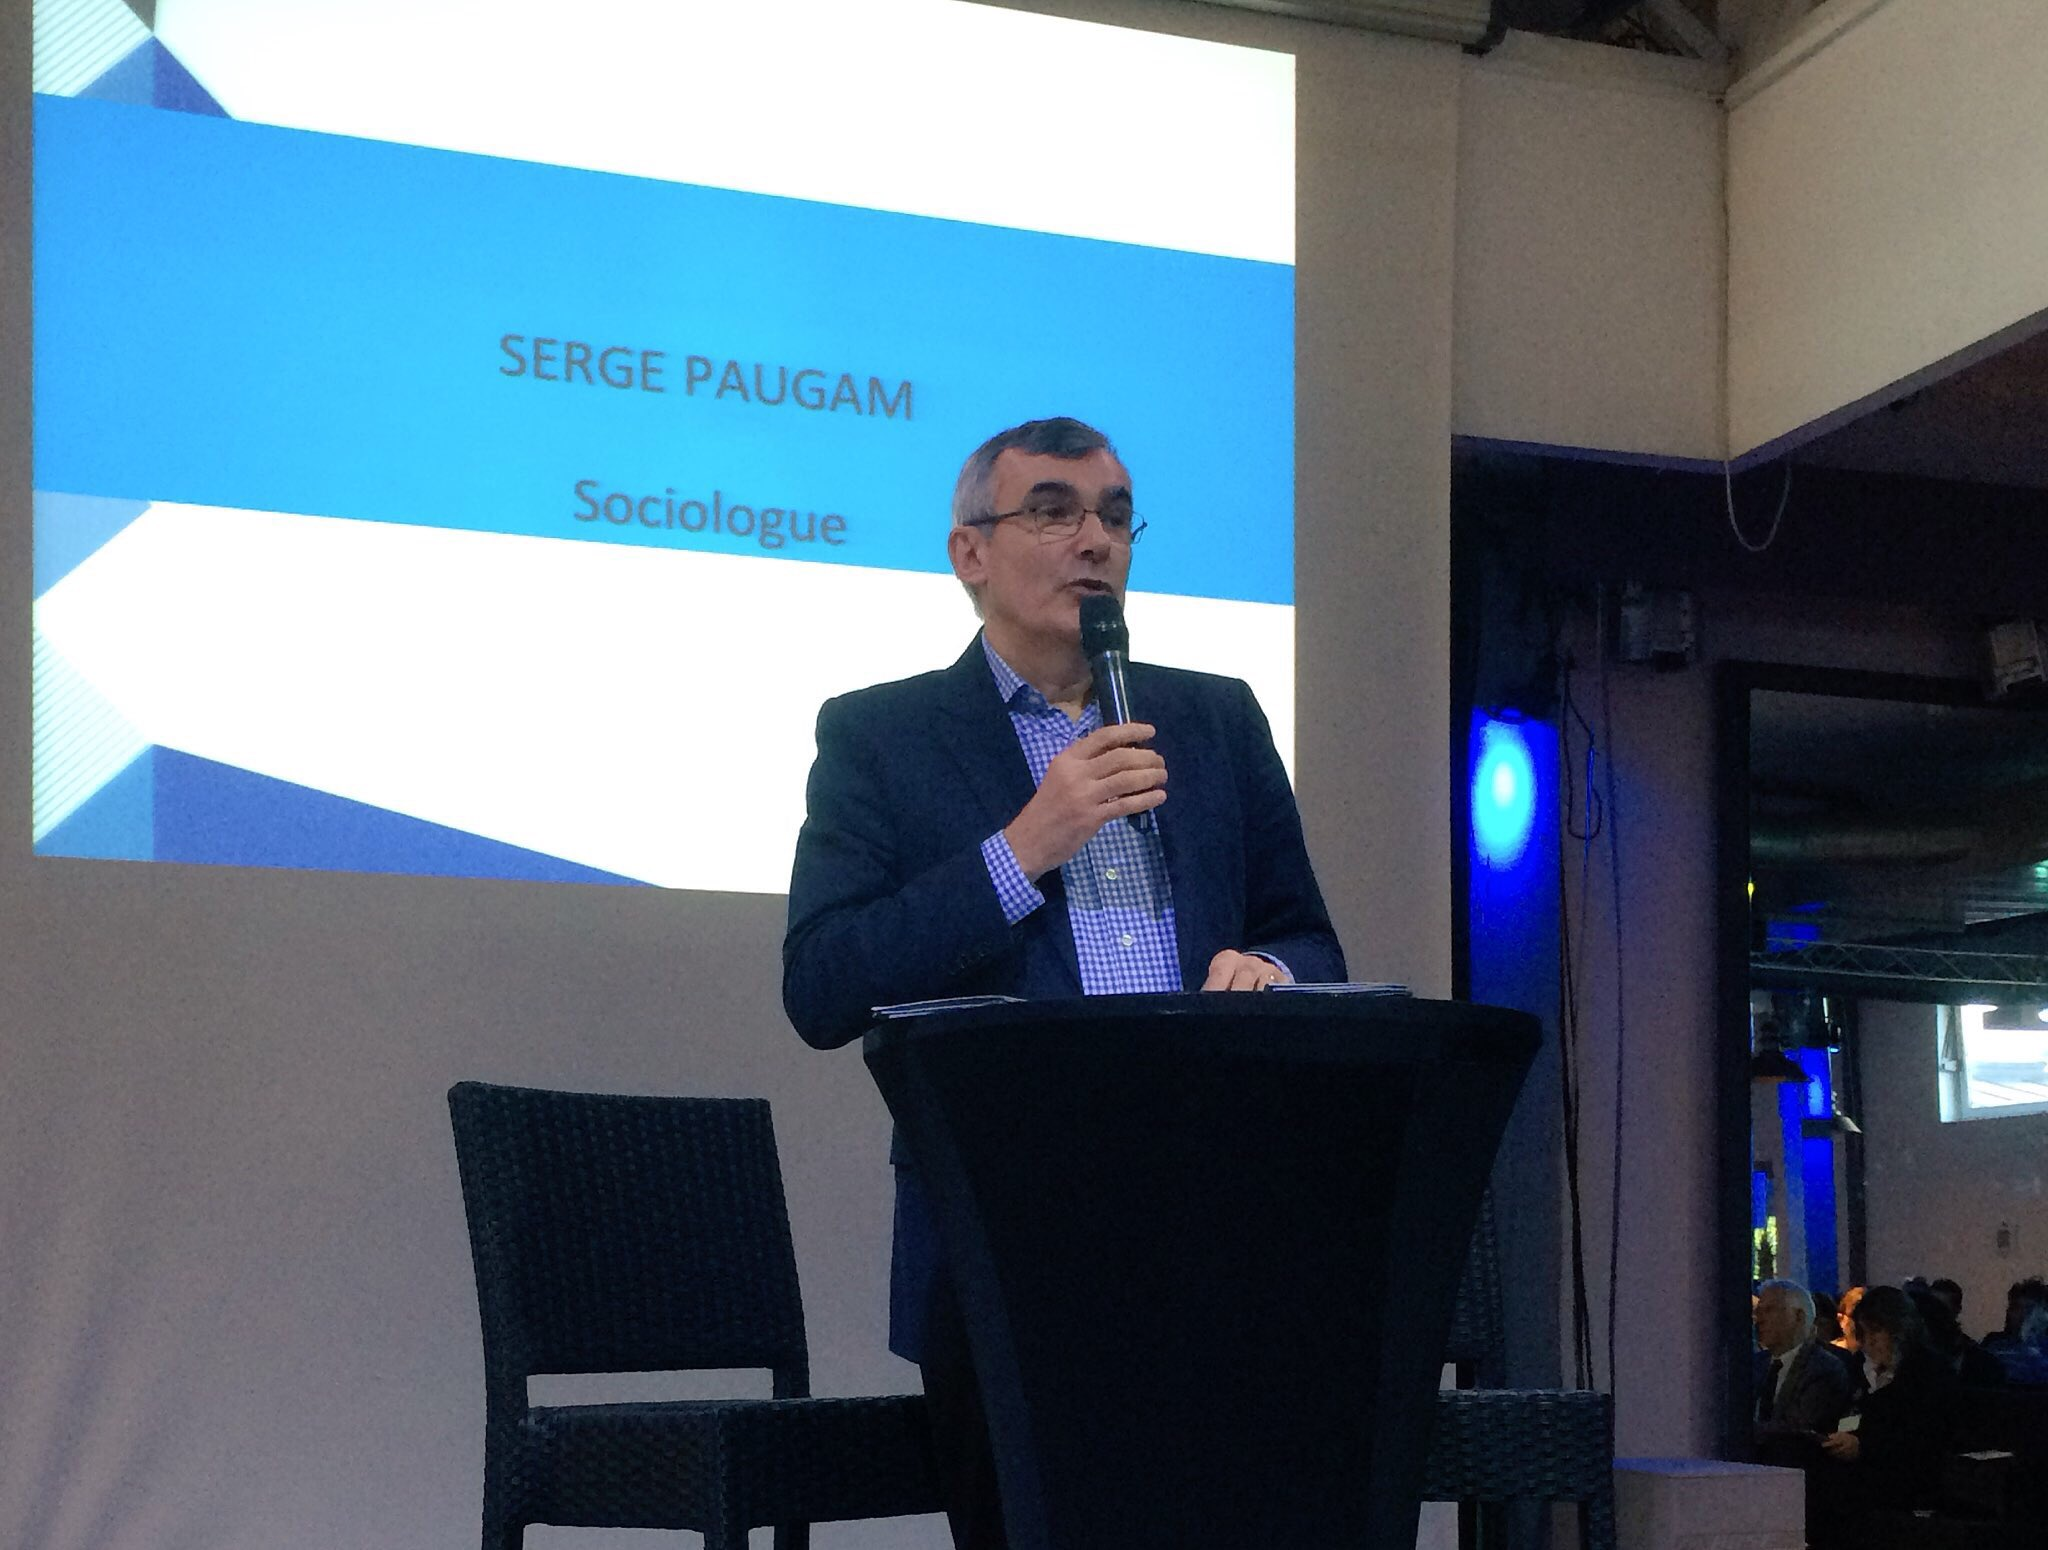 Serge Paugam apporte un éclairage sociologique à la question de la grande pauvreté. #pauvretéréussitescolaire https://t.co/xaffRYunkV